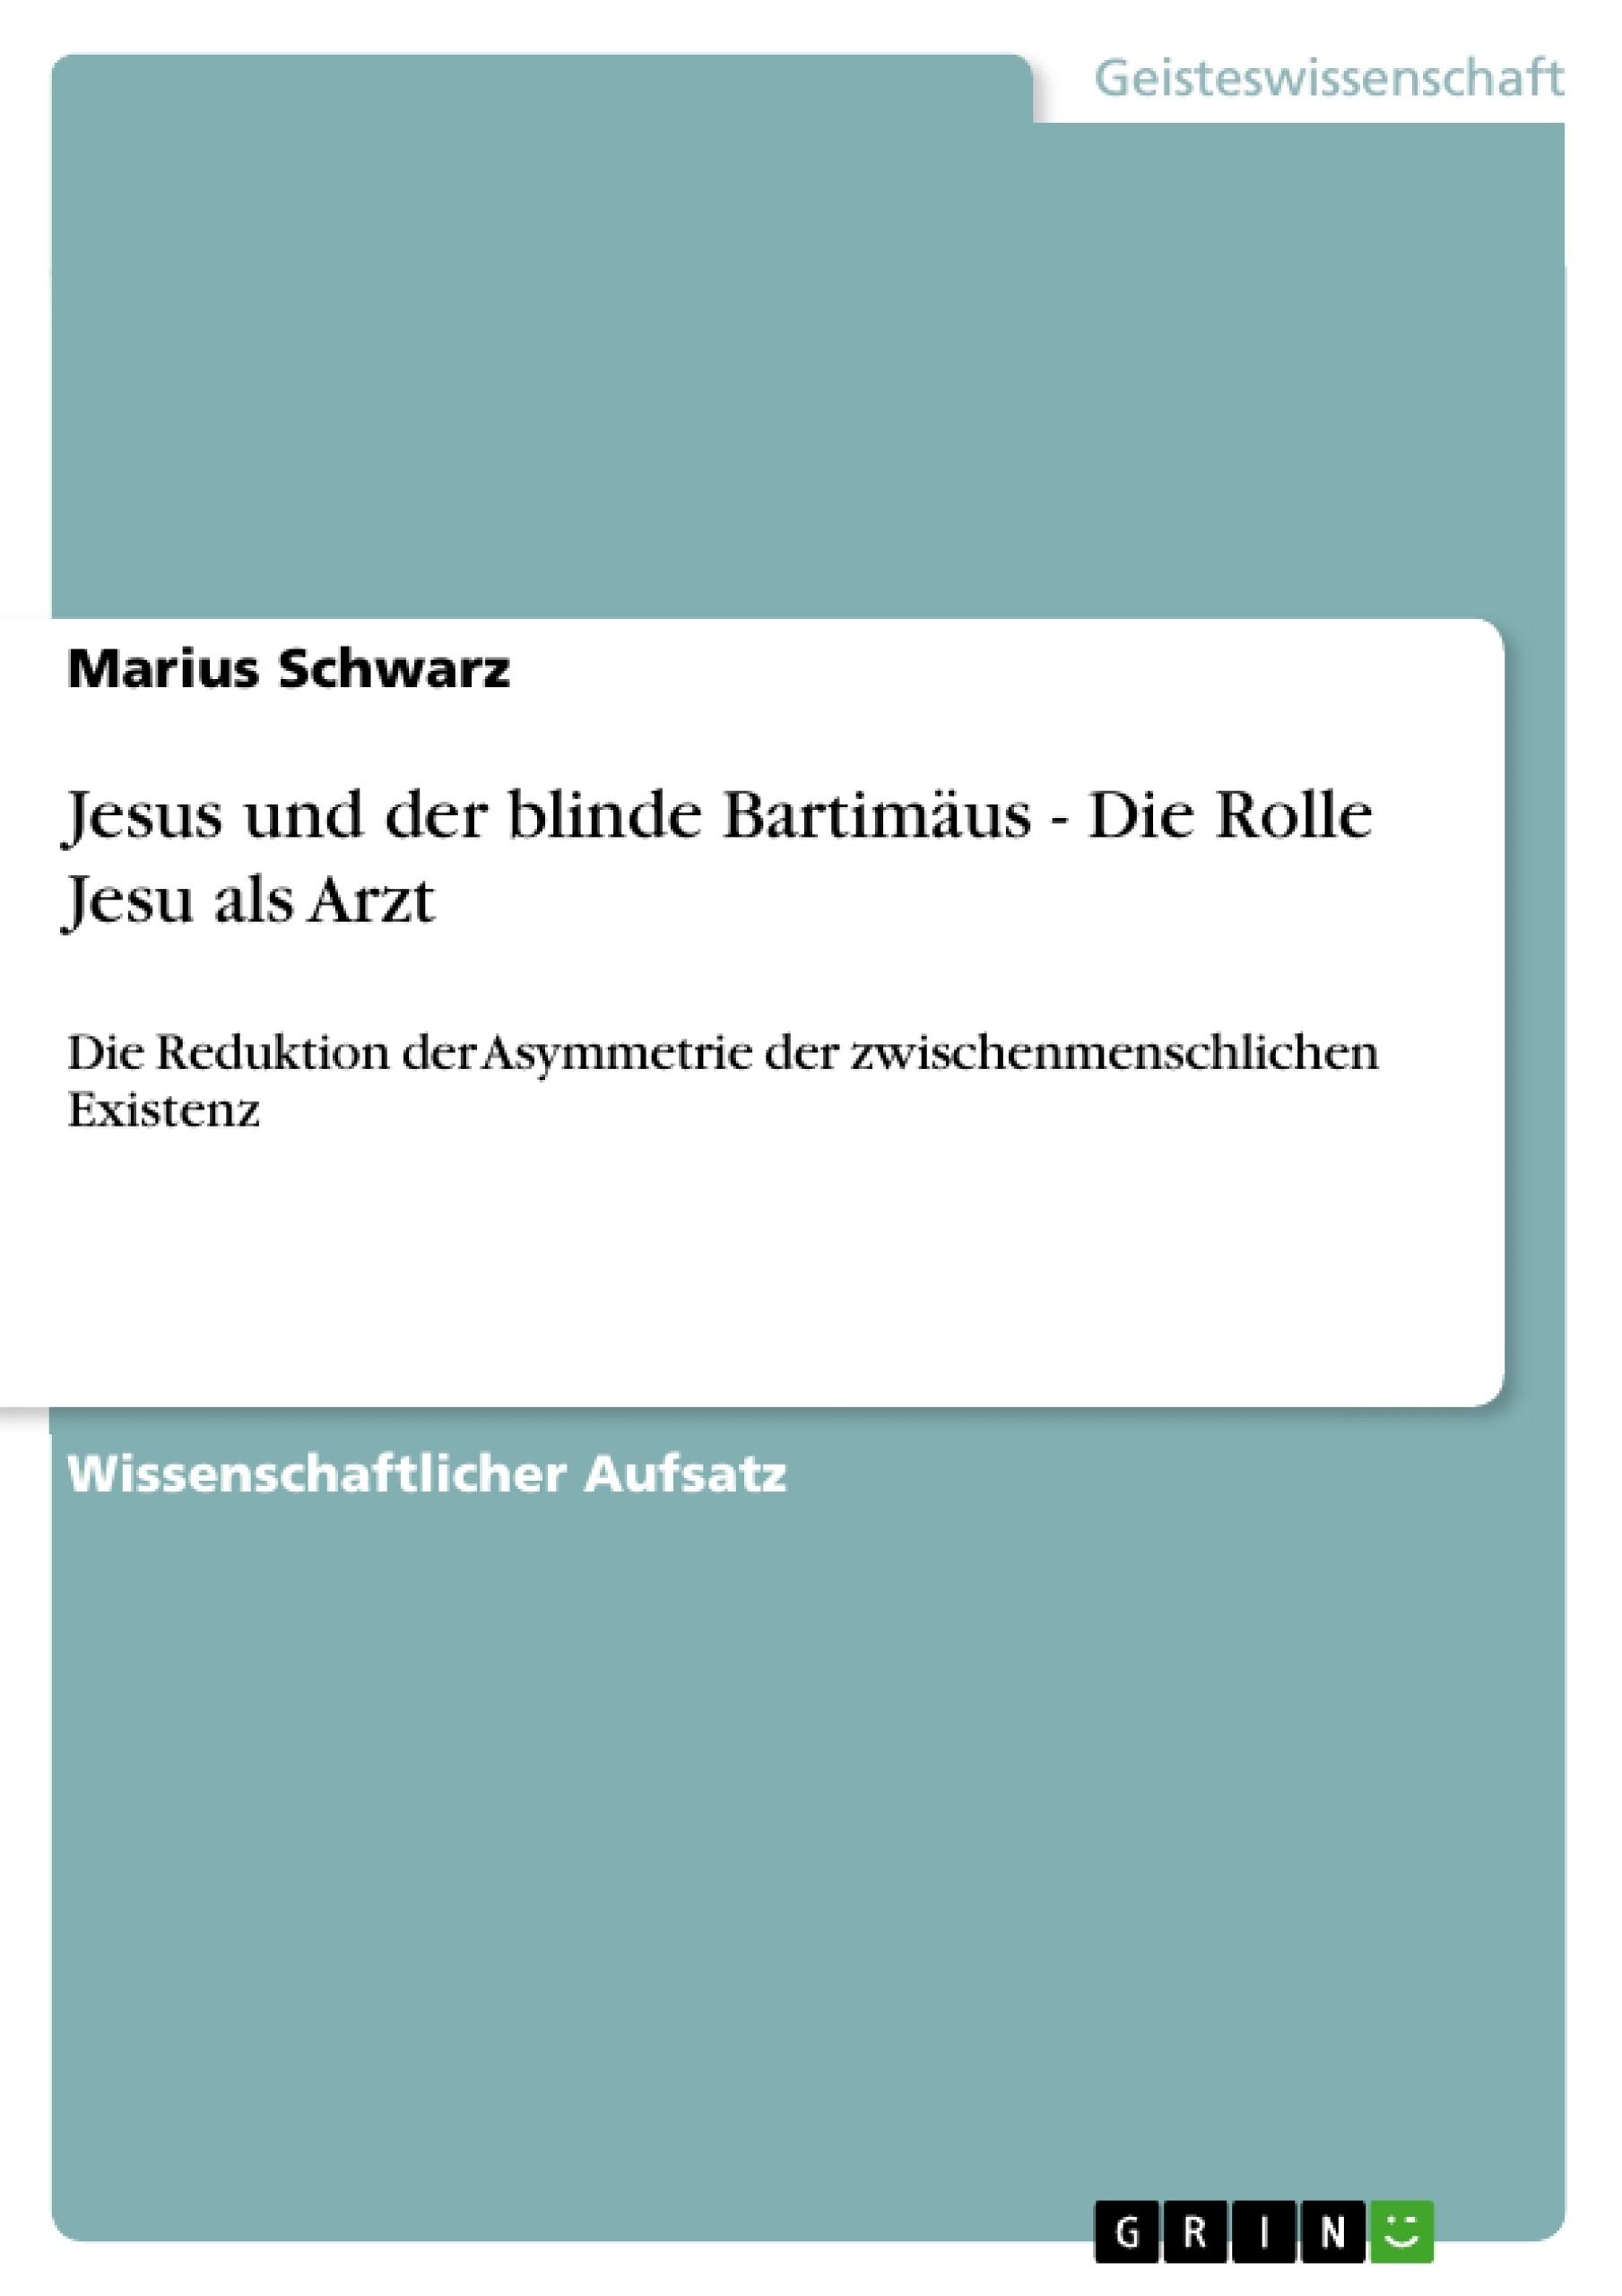 Titel: Jesus und der blinde Bartimäus - Die Rolle Jesu als Arzt